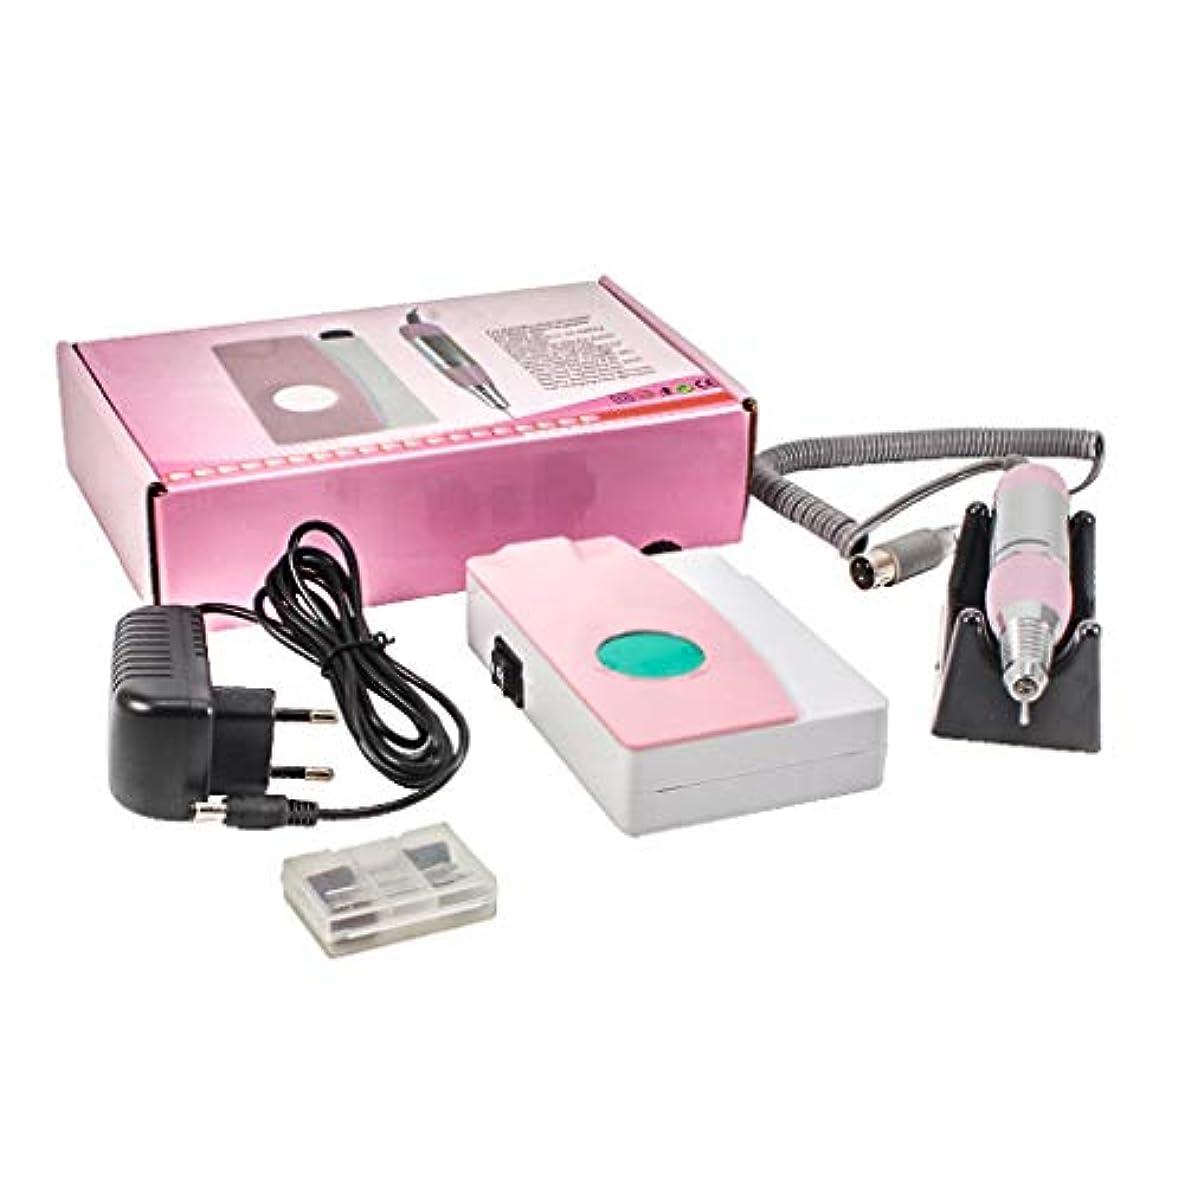 組み合わせほとんどない信号電気ネイルファイルドリルマシン、ディスプレイスクリーン、ポータブルコードレス12Vのドリルビット付き充電式研磨機、プロ用または家庭用ネイルアート機器25000 RPM